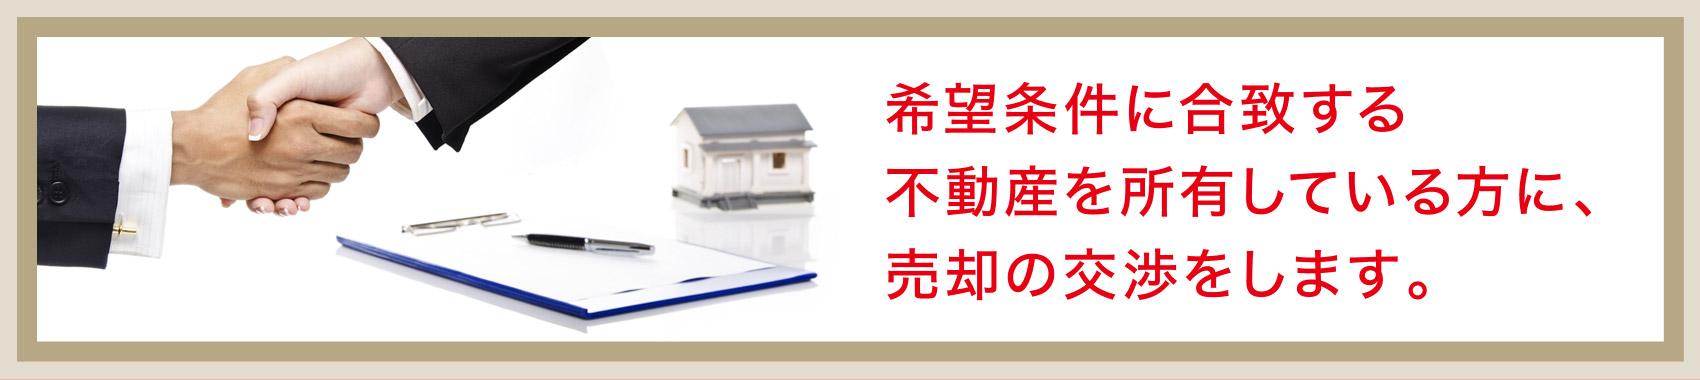 希望条件に合致する不動産を所有している方に、売却の交渉をします。